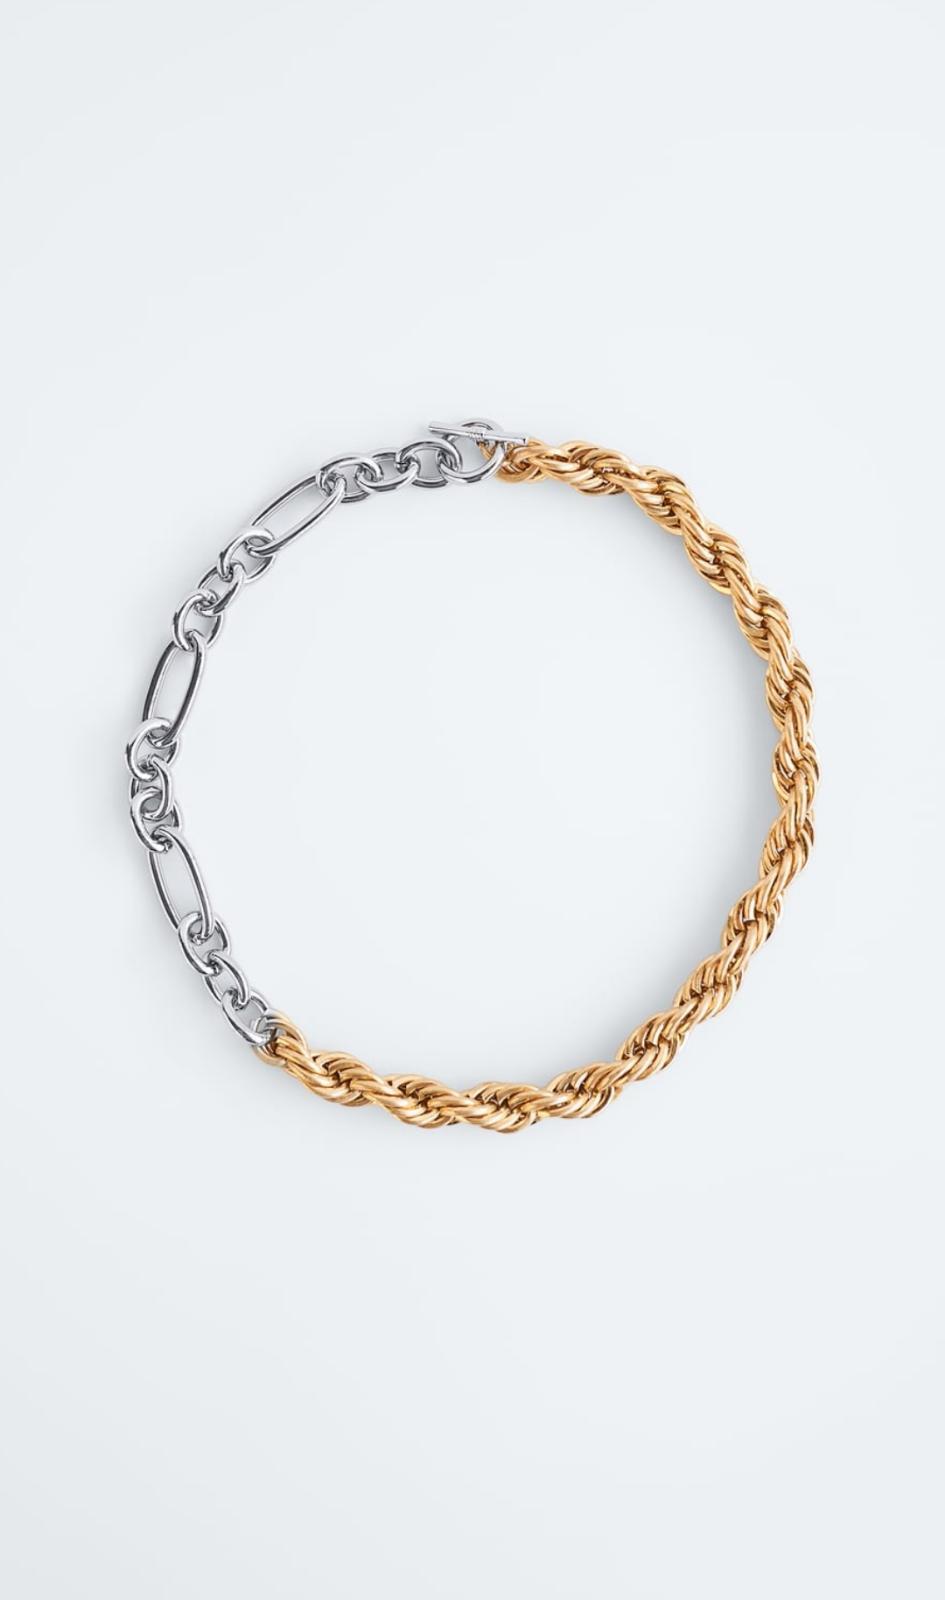 Collar metálico con eslabones combinados plateado y dorado 12'95€